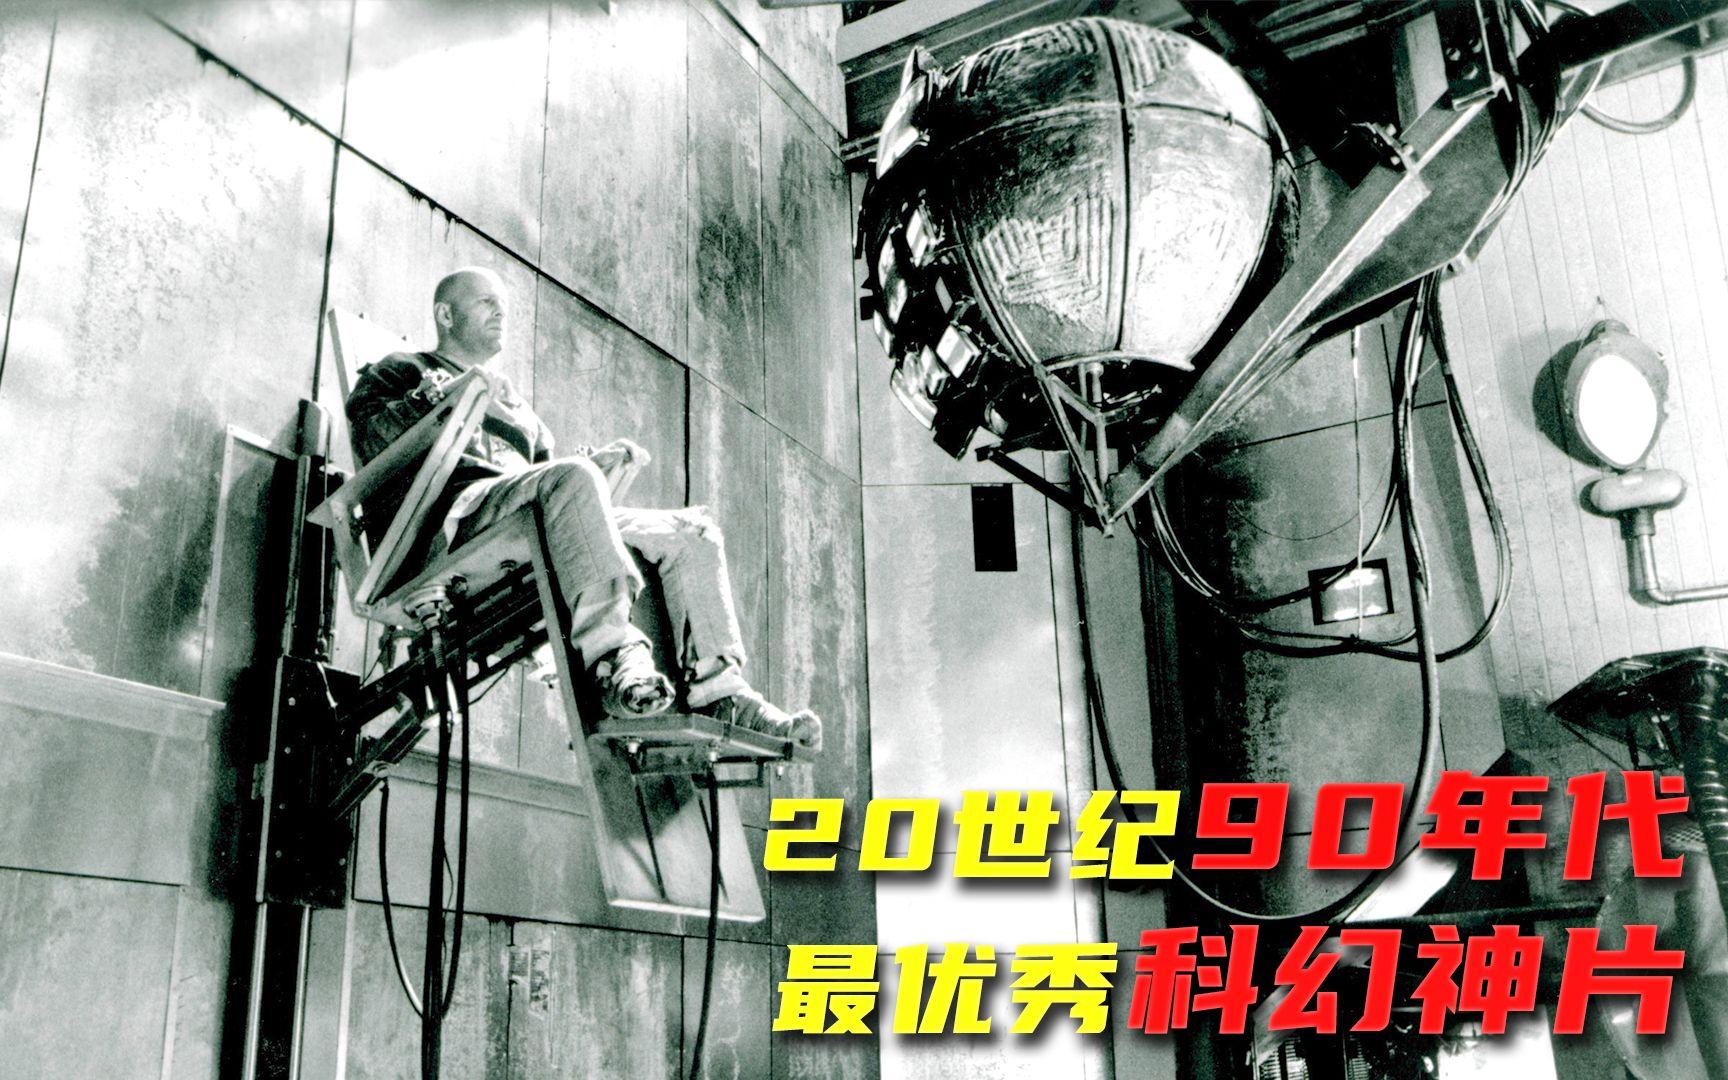 末日病毒爆发 50亿人改变命运 《十二猴子》